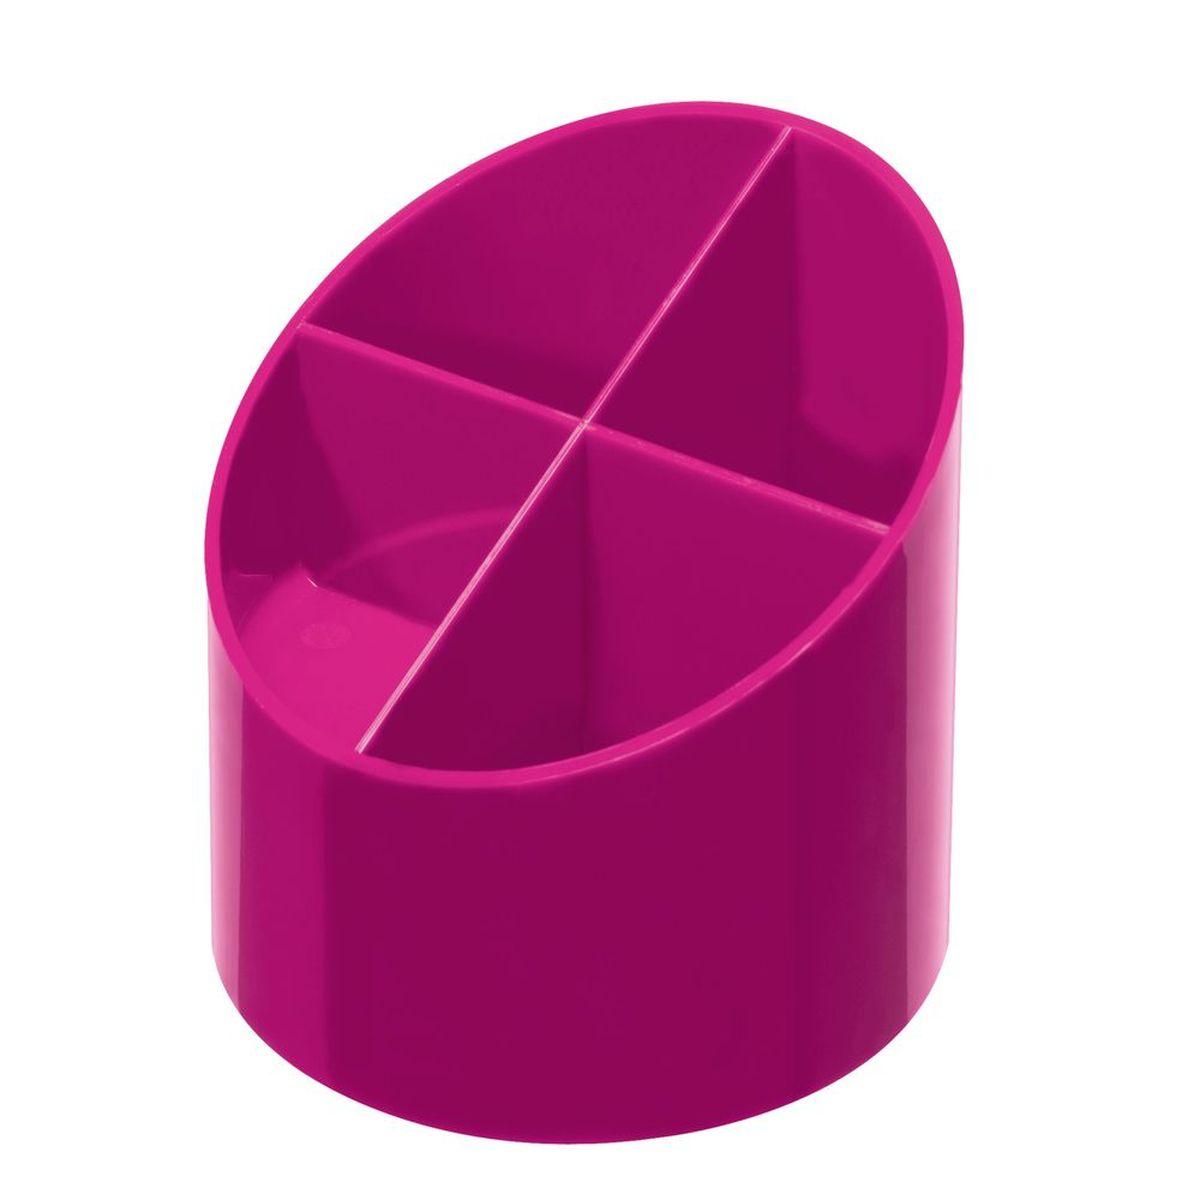 Herlitz Подставка канцелярских принадлежностей 4 секции цвет розовый11363751Подставка для ручек округлой формы. Изготовлена из глянцевого пластика. Имеет 4 тделения для письменных принадлежностей и других офисных принадлежностей. Цвет розовый.